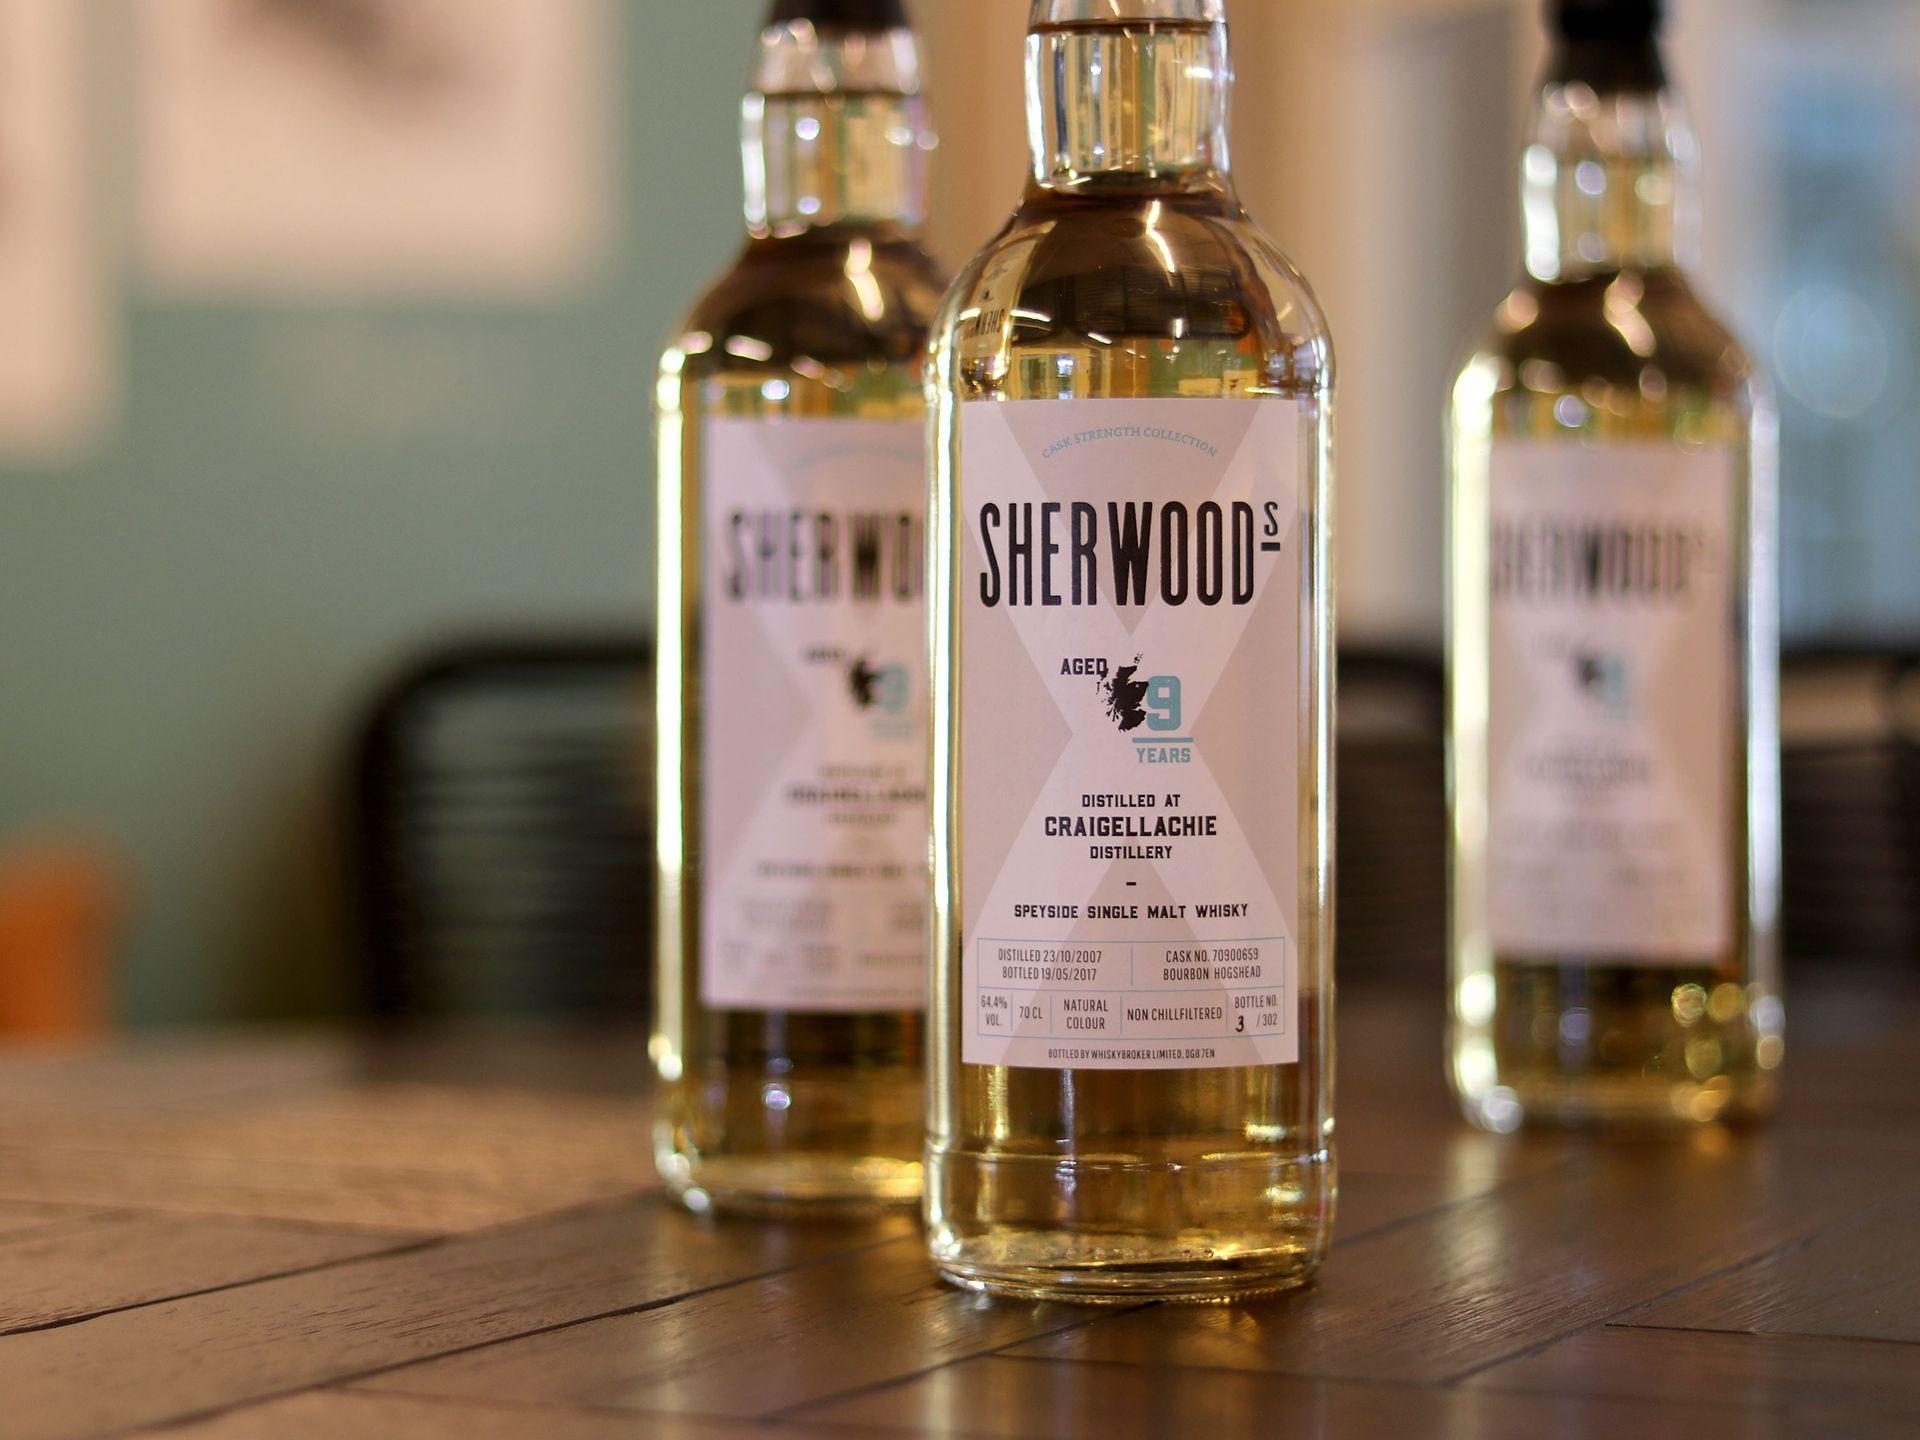 Sherwoods whisky